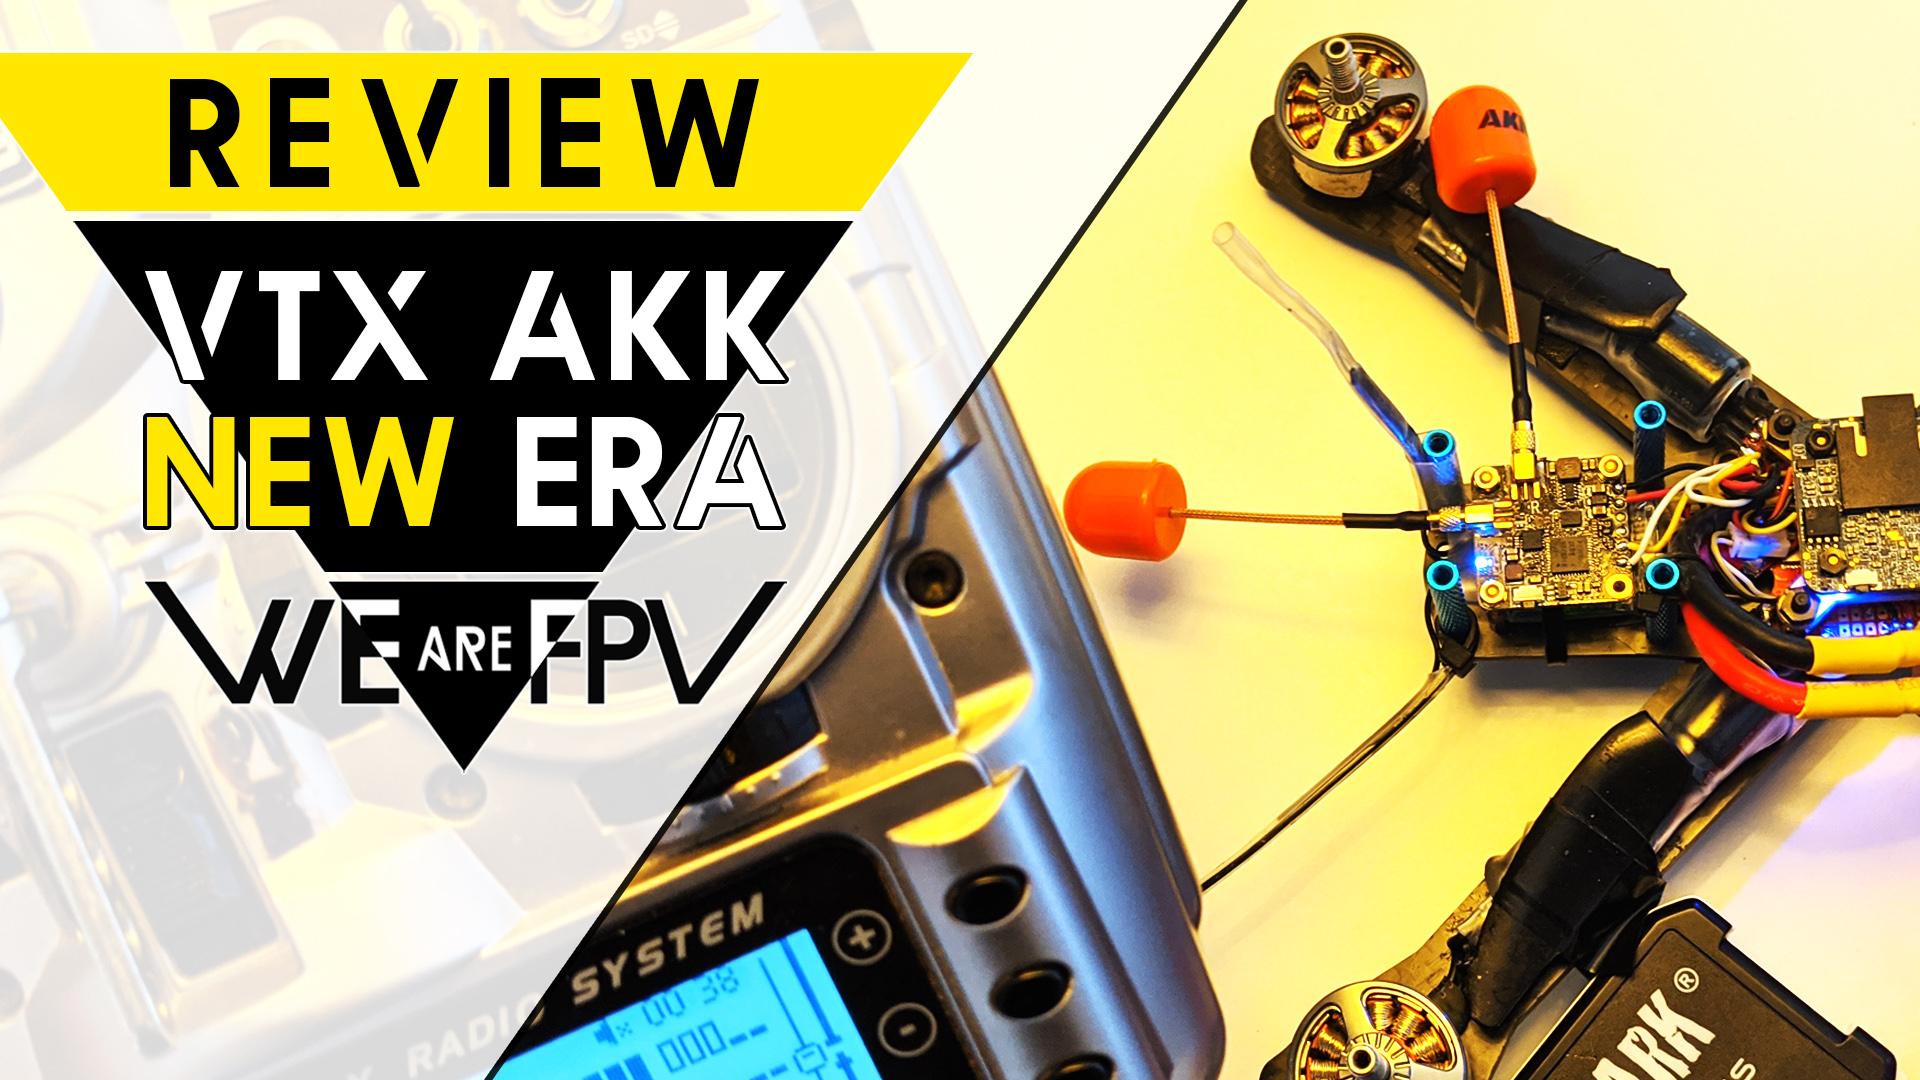 Test AKK New Era Dual Antenna vTx